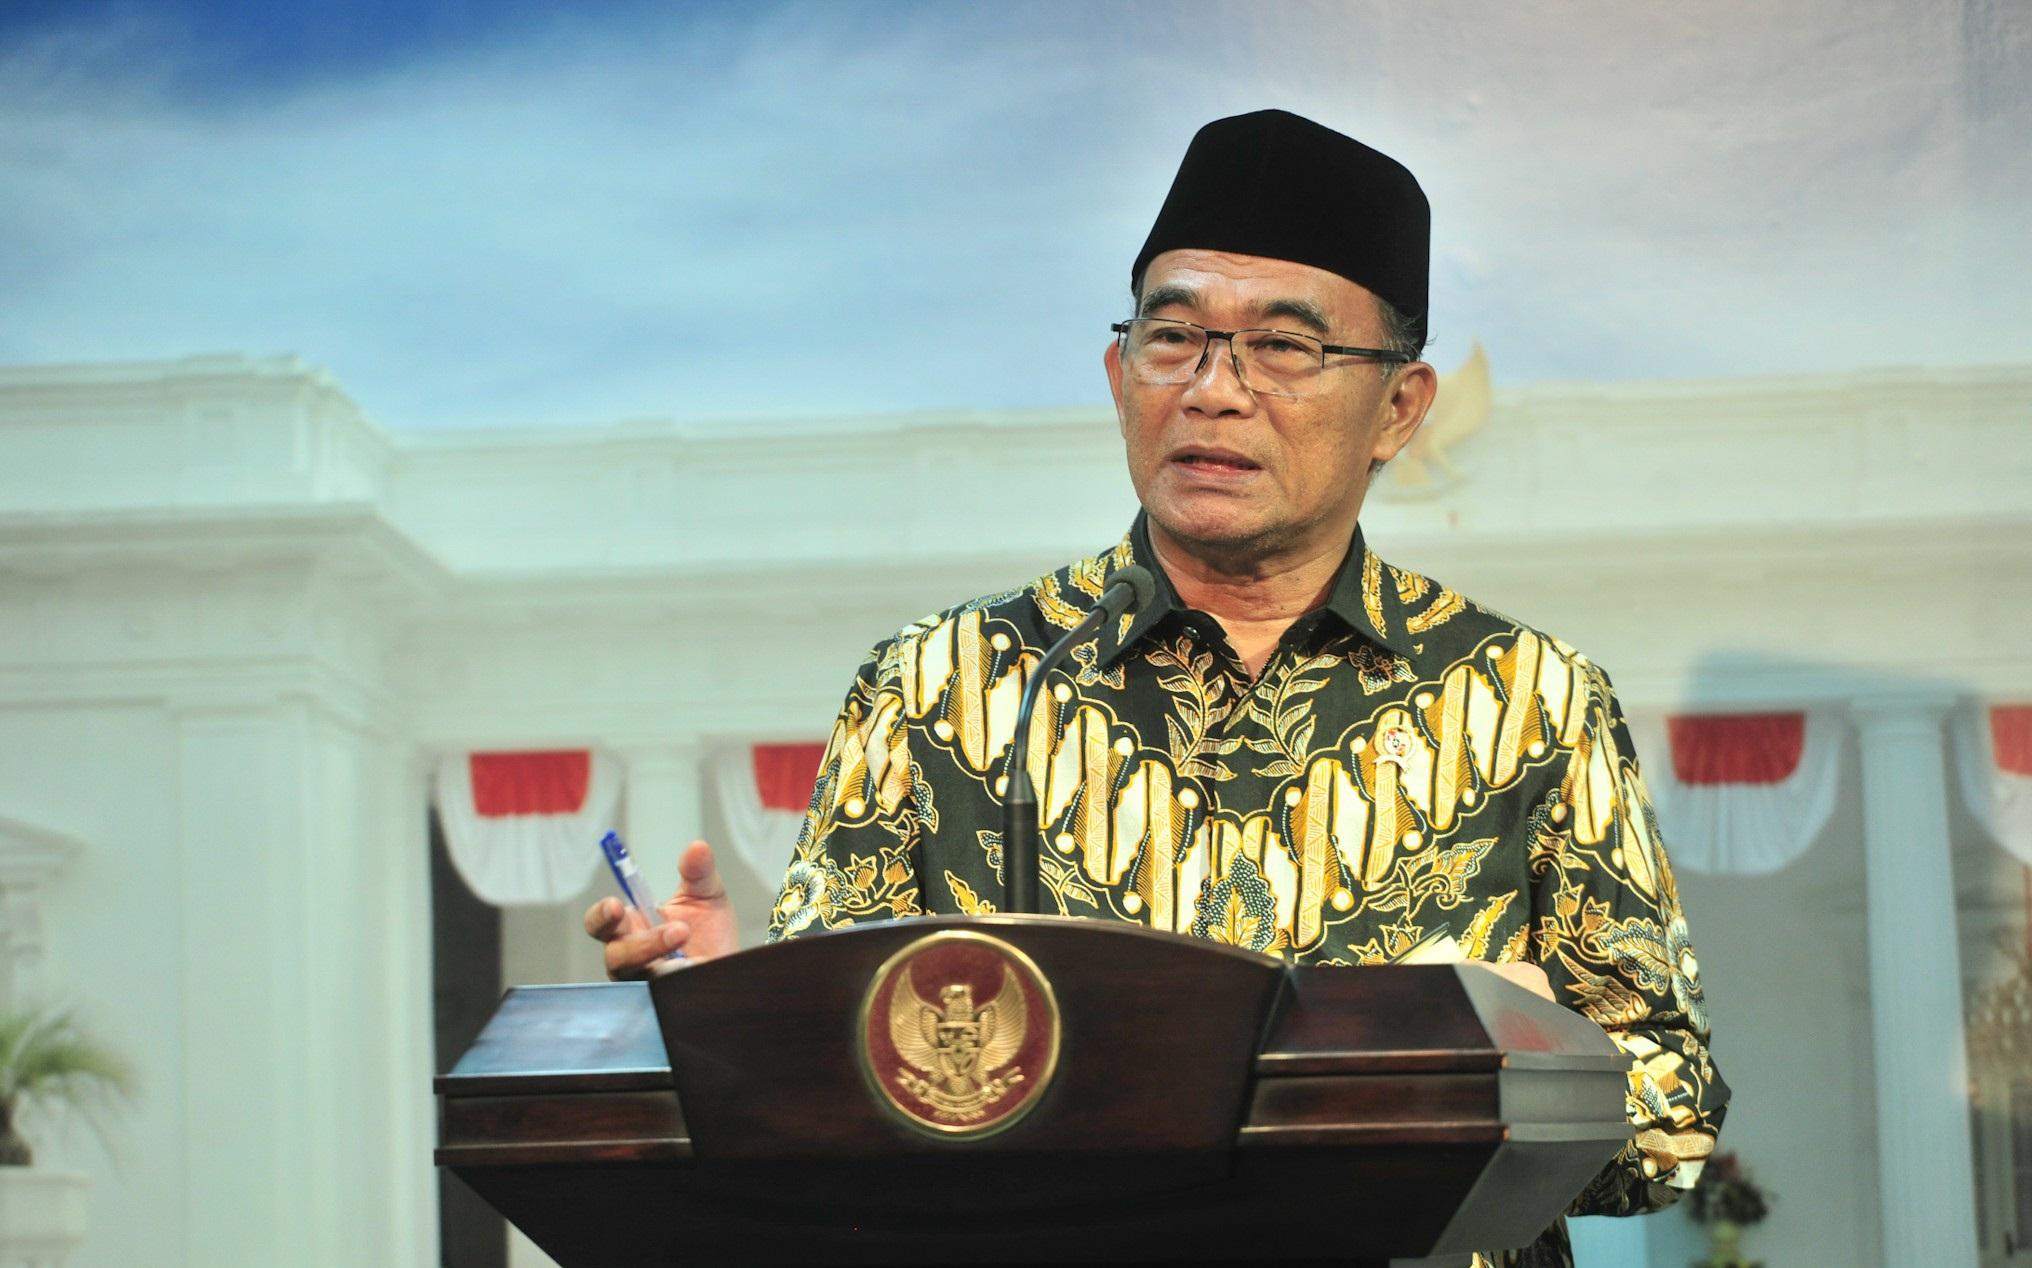 Pemerintah Ijinkan Shalat Tarawih Berjemaah, Syaratnya Jemaah Saling Kenal